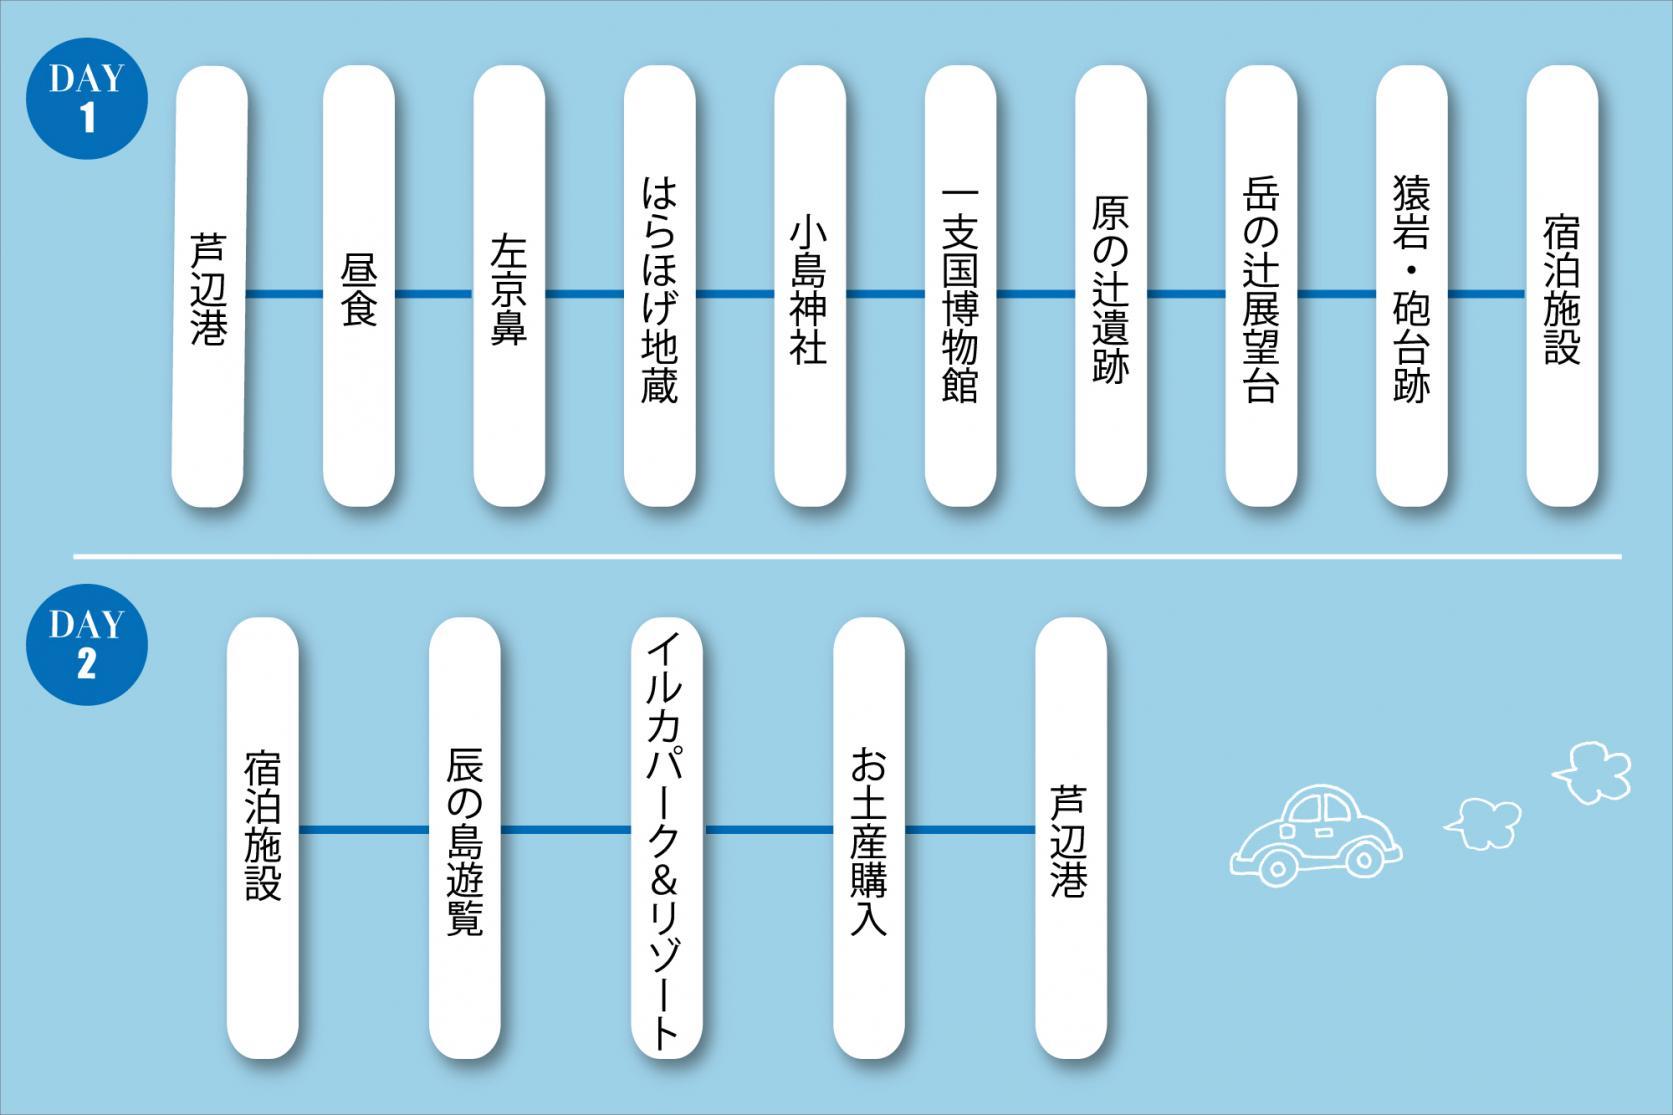 モデルコース1.壱岐の定番スポットコース(1泊2日)-0